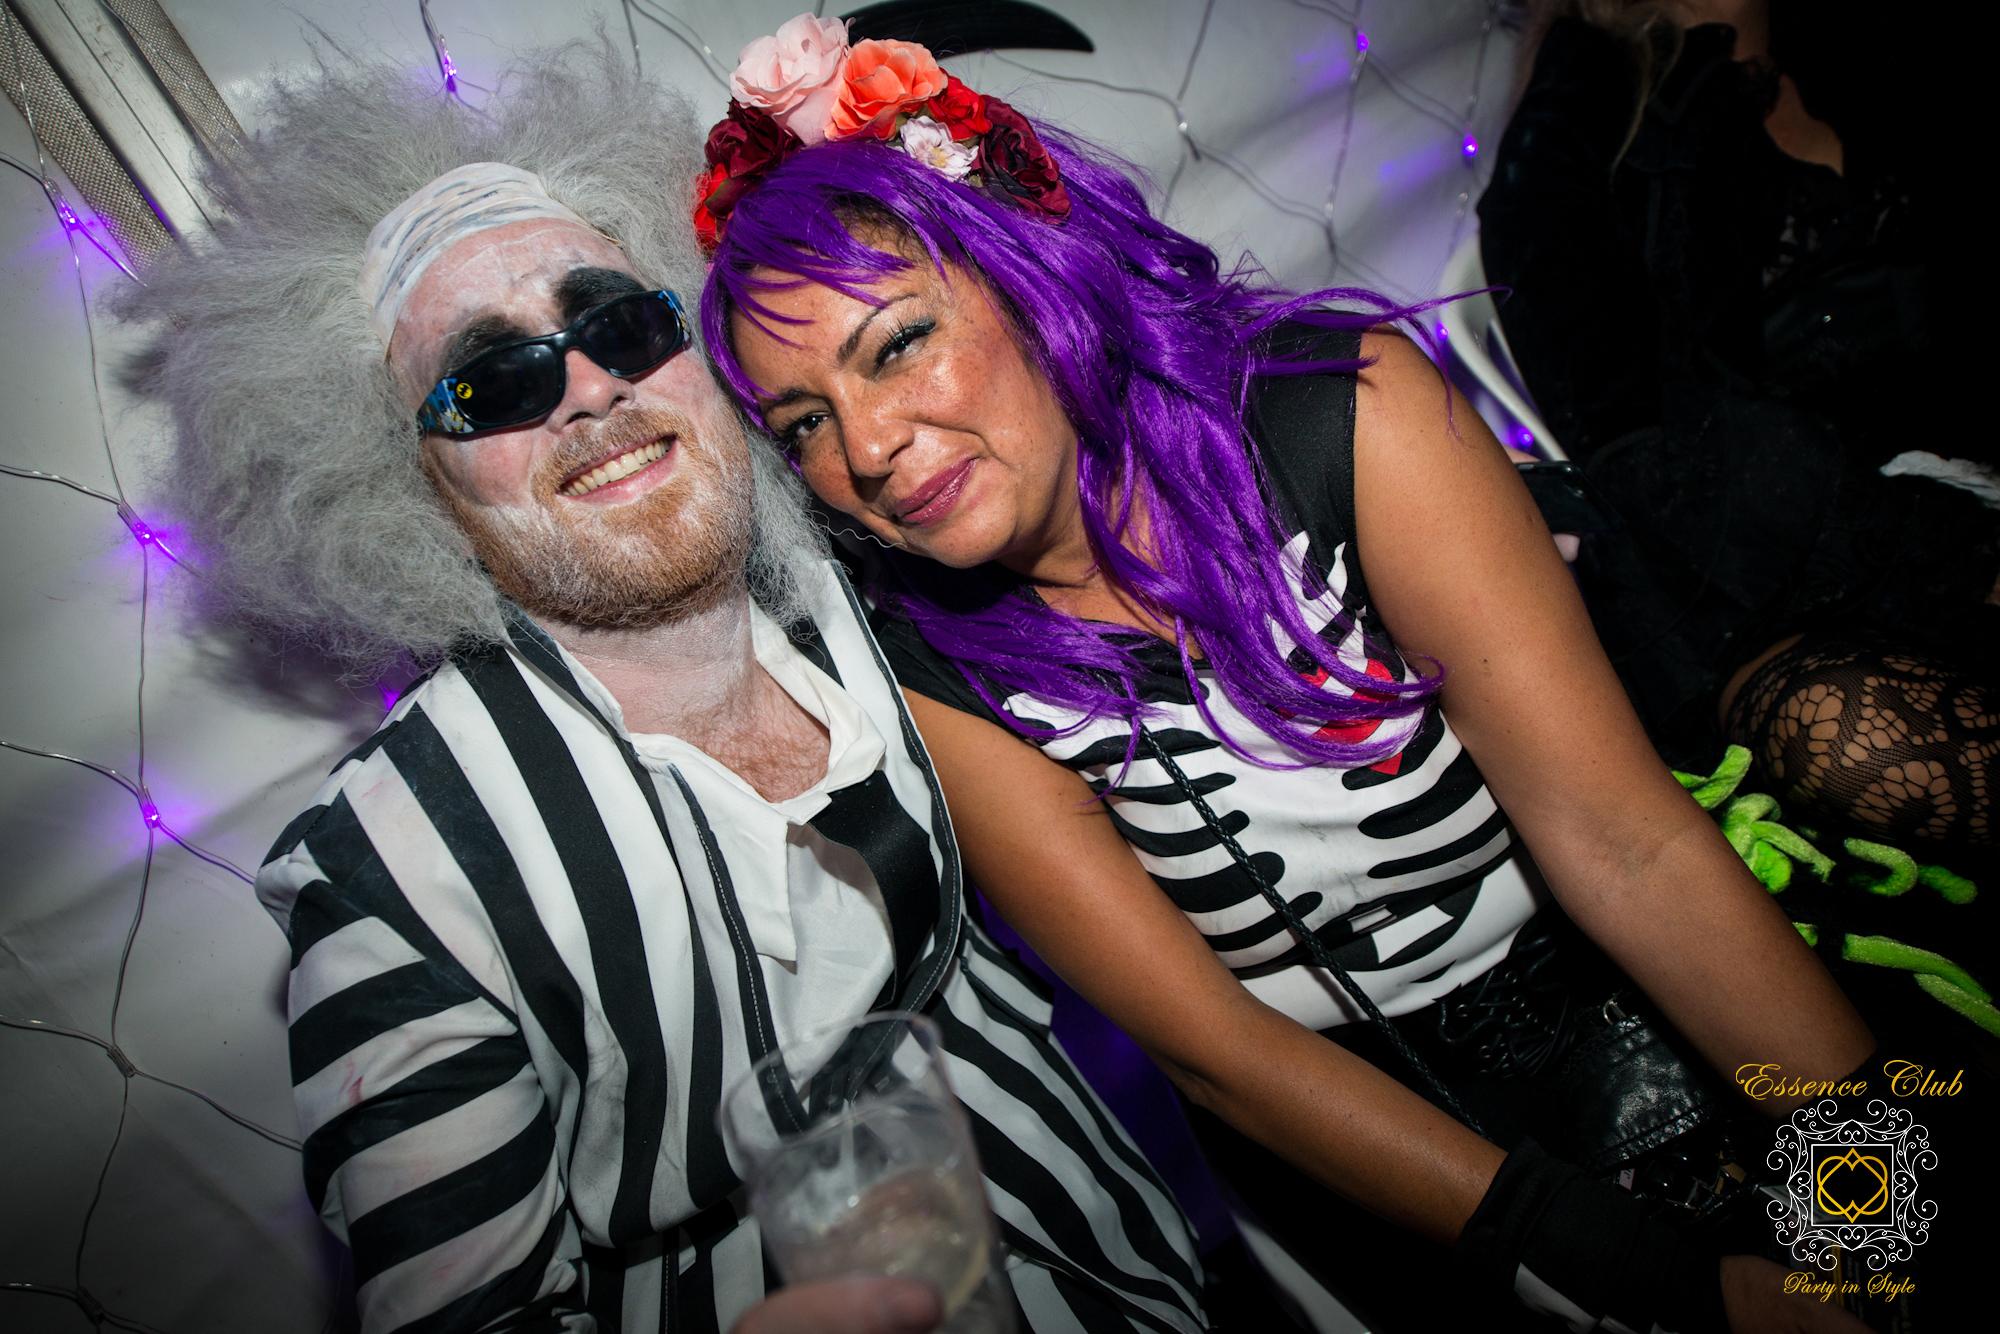 Fun Halloween parties